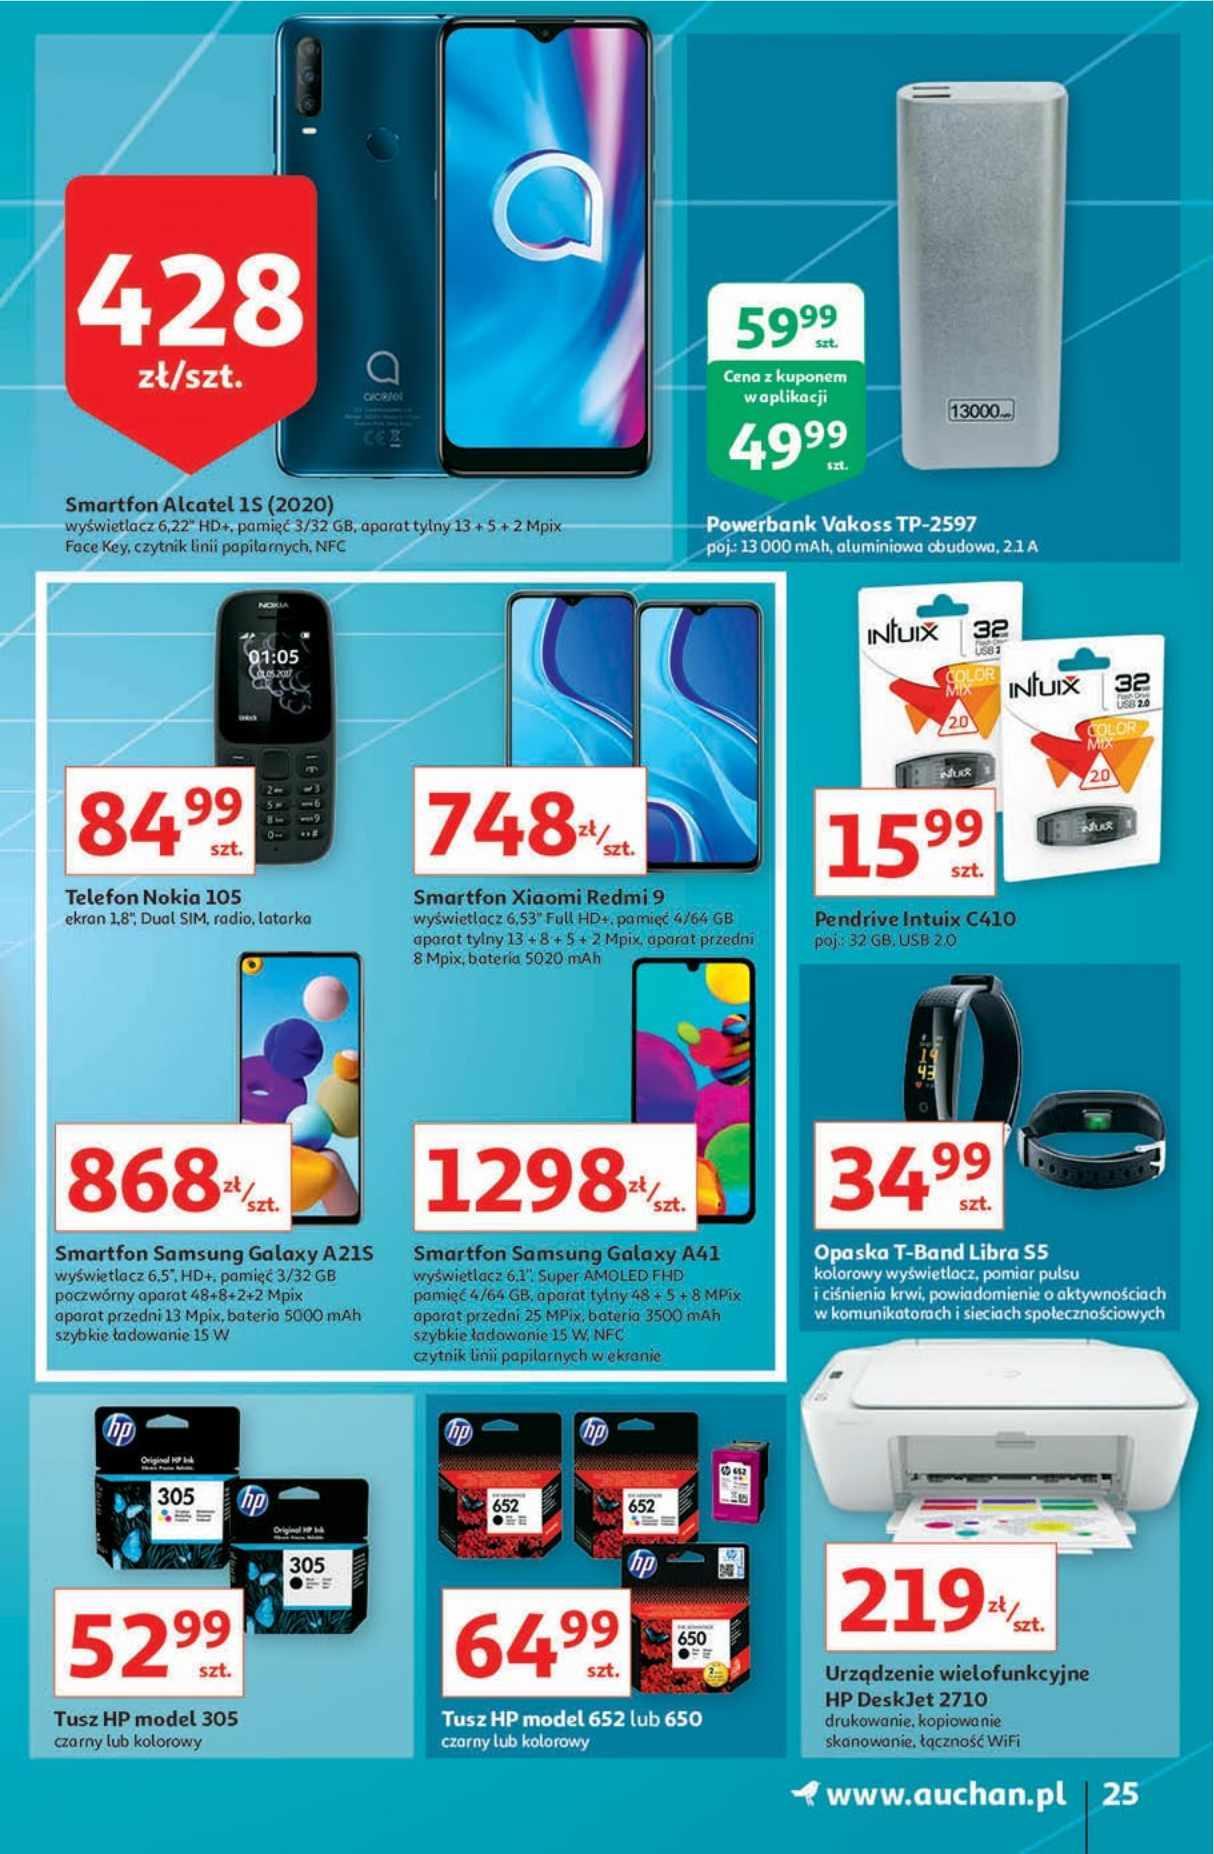 Gazetka promocyjna Auchan do 07/10/2020 str.24